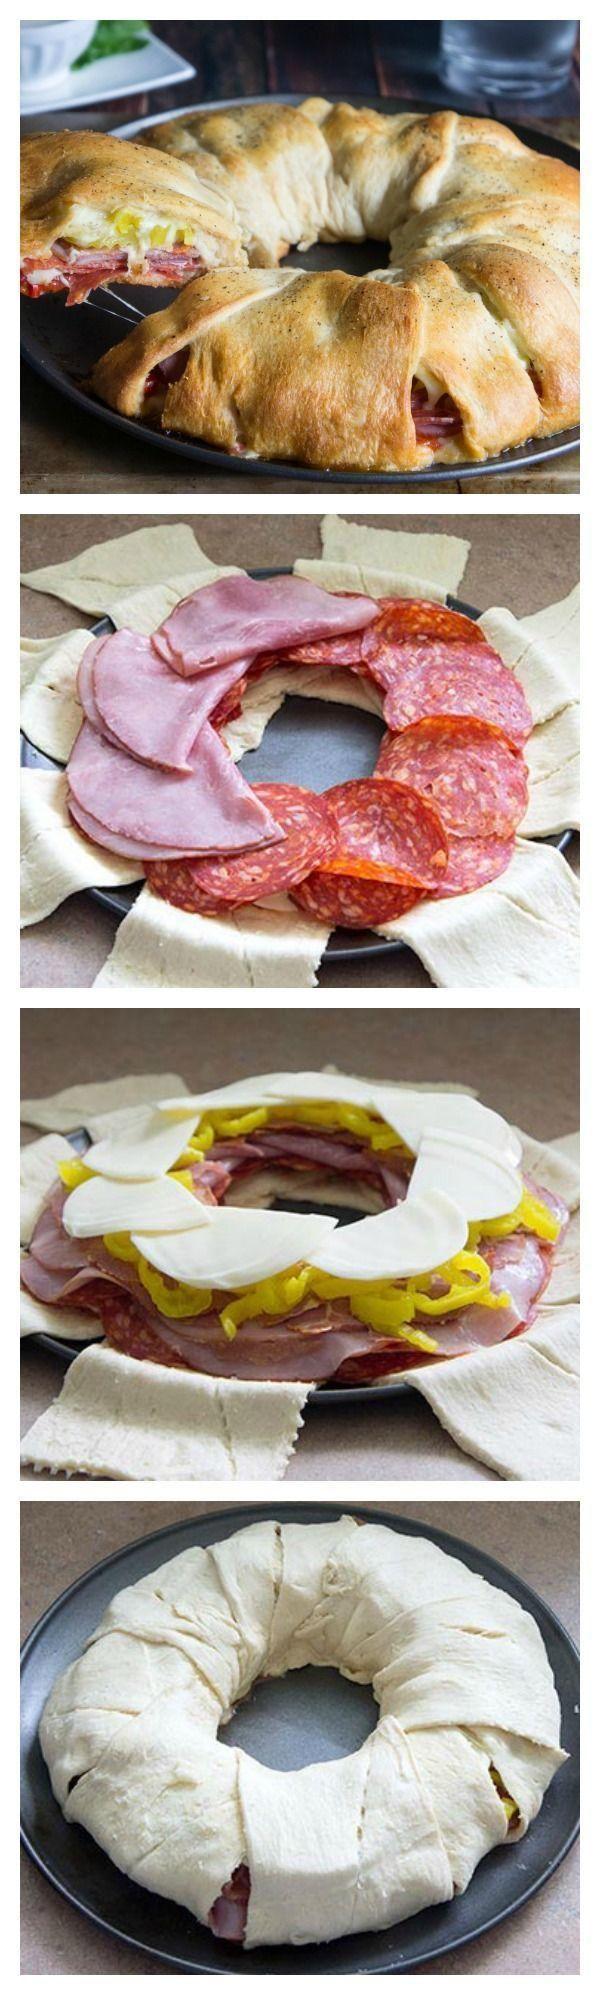 Verhit de oven op 190 graden. Schik croissantdeeg in een sterpatroon in  een pizza pan.Laat het deeg overlappen, maar laat ruimte in het midden om op te rollen. Laag voor laag de ingrediënten opbouwen met r afwisselende bij elkaar passende ingrediënten. Als de  ingrediënten gestapeld zijn, rol dan het deeg omhoog en over de vulling. Probeer de vulling zoveel mogelijk te omsluiten. Vouw de rand onder de onderste rand.  Strooi wat gemalen zwarte peper over en bak het in 20 min af.